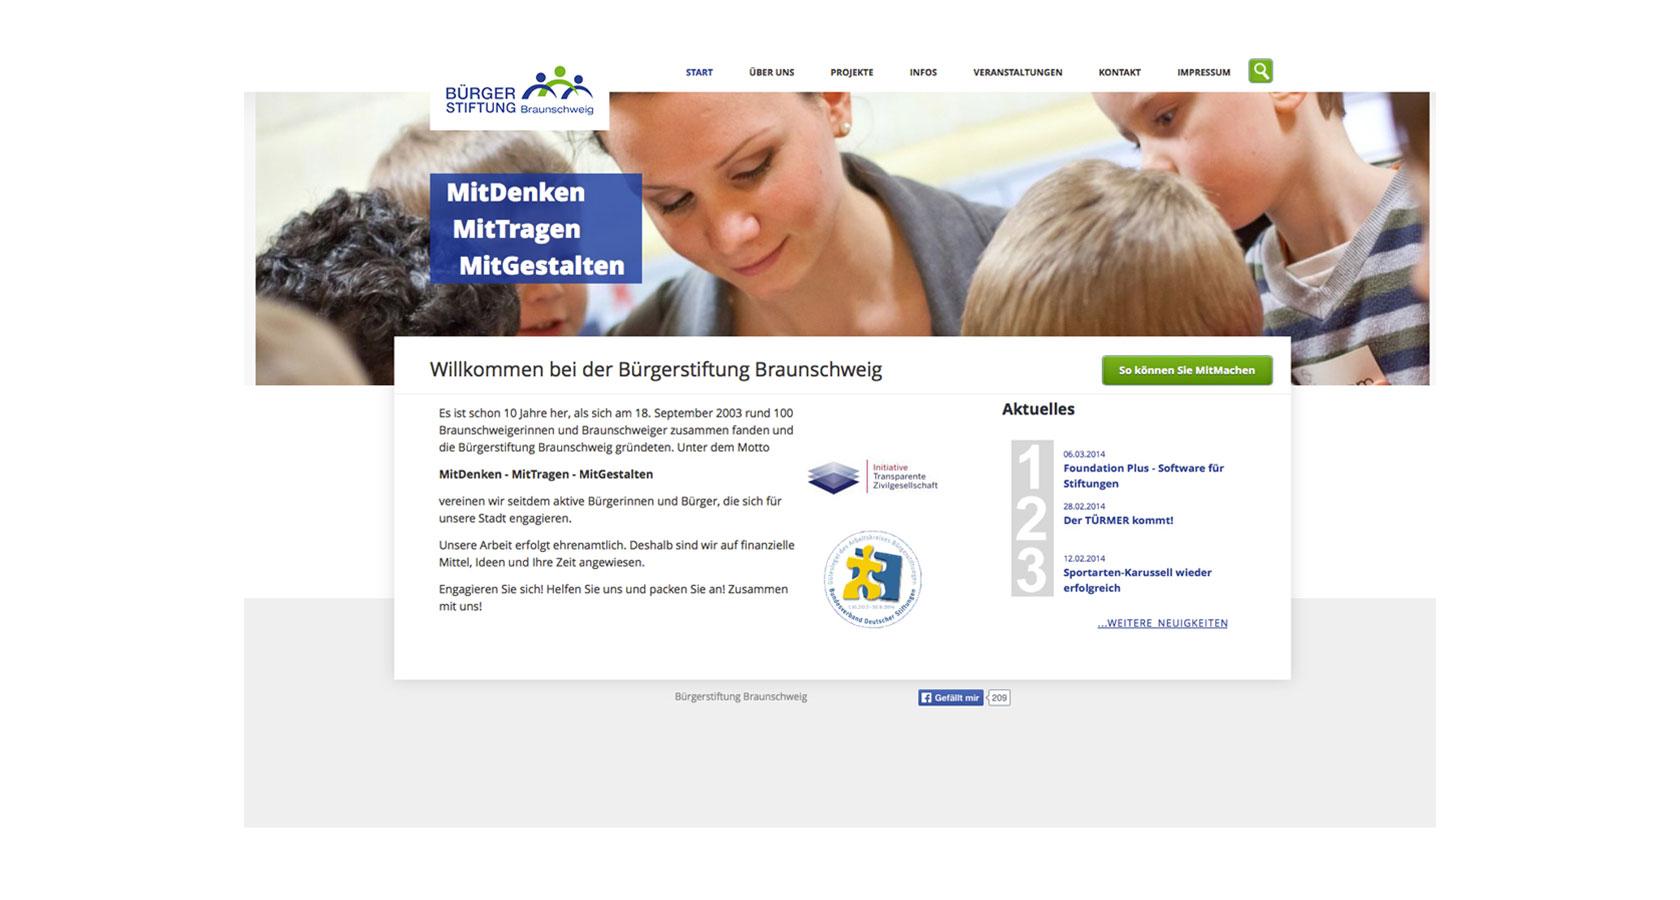 Screenshot der Startseite des Internetauftritts der Bürgerstiftung Braunschweig